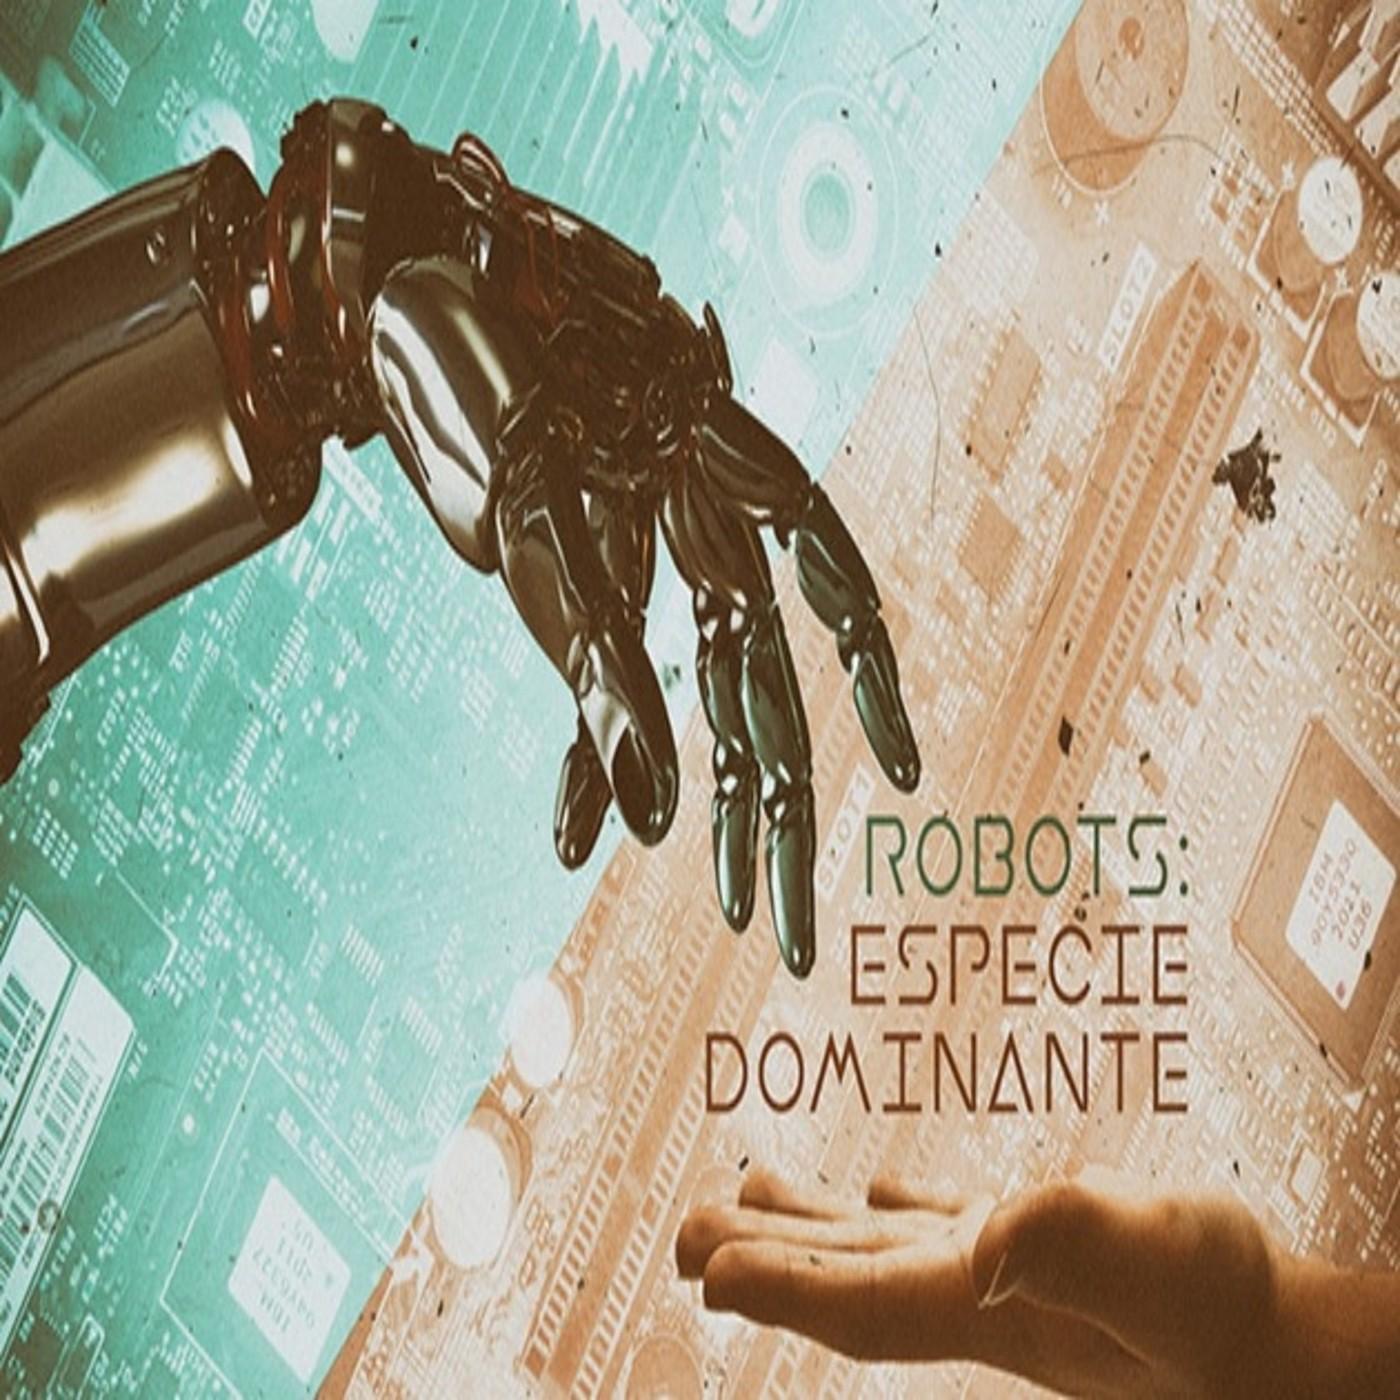 Cuarto milenio (30/12/2018) 14x18: Robots, especie dominante